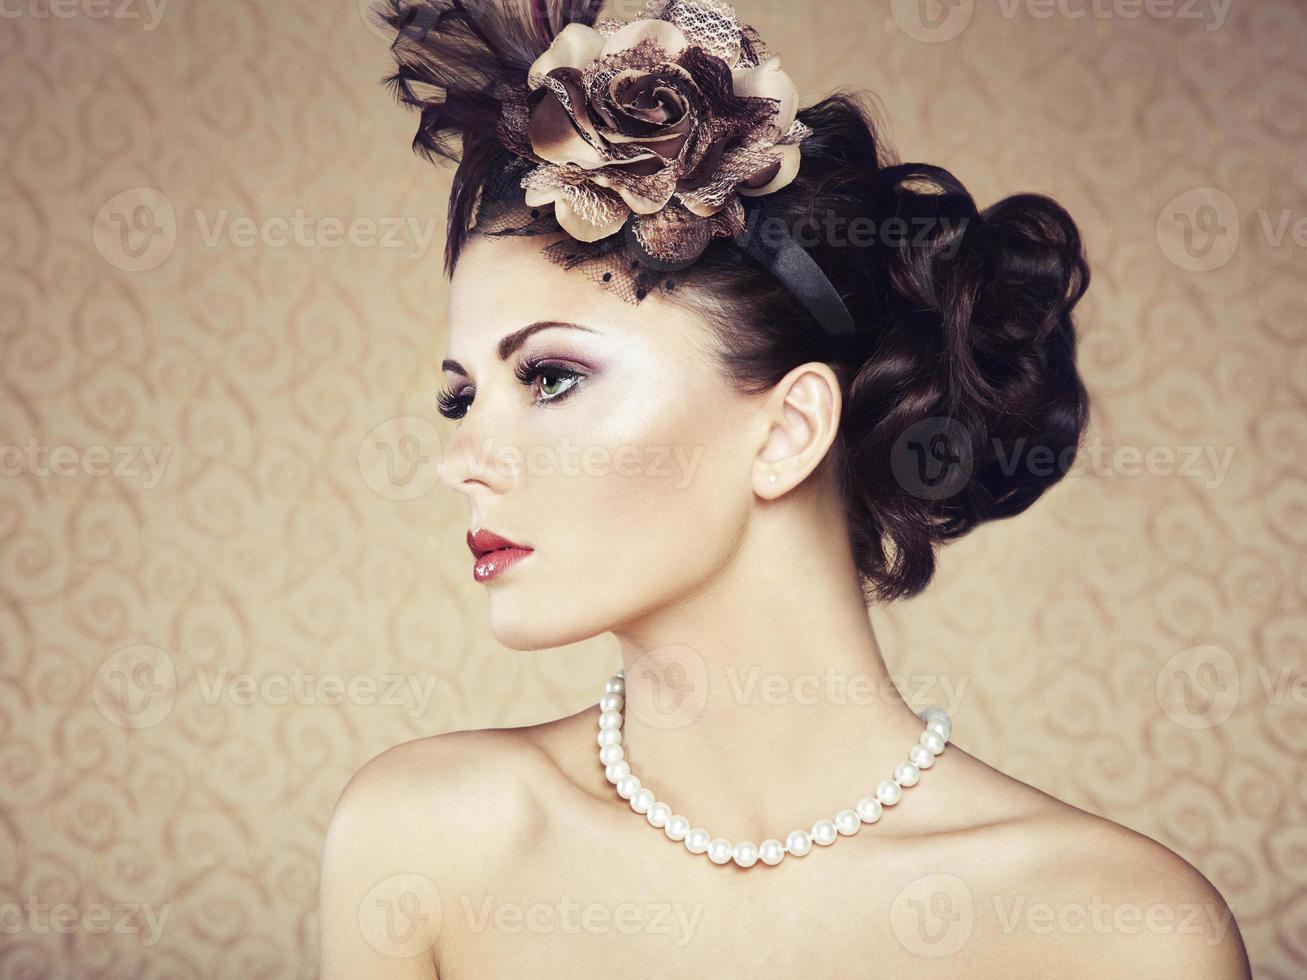 retrò ritratto di bella donna. stile vintage foto